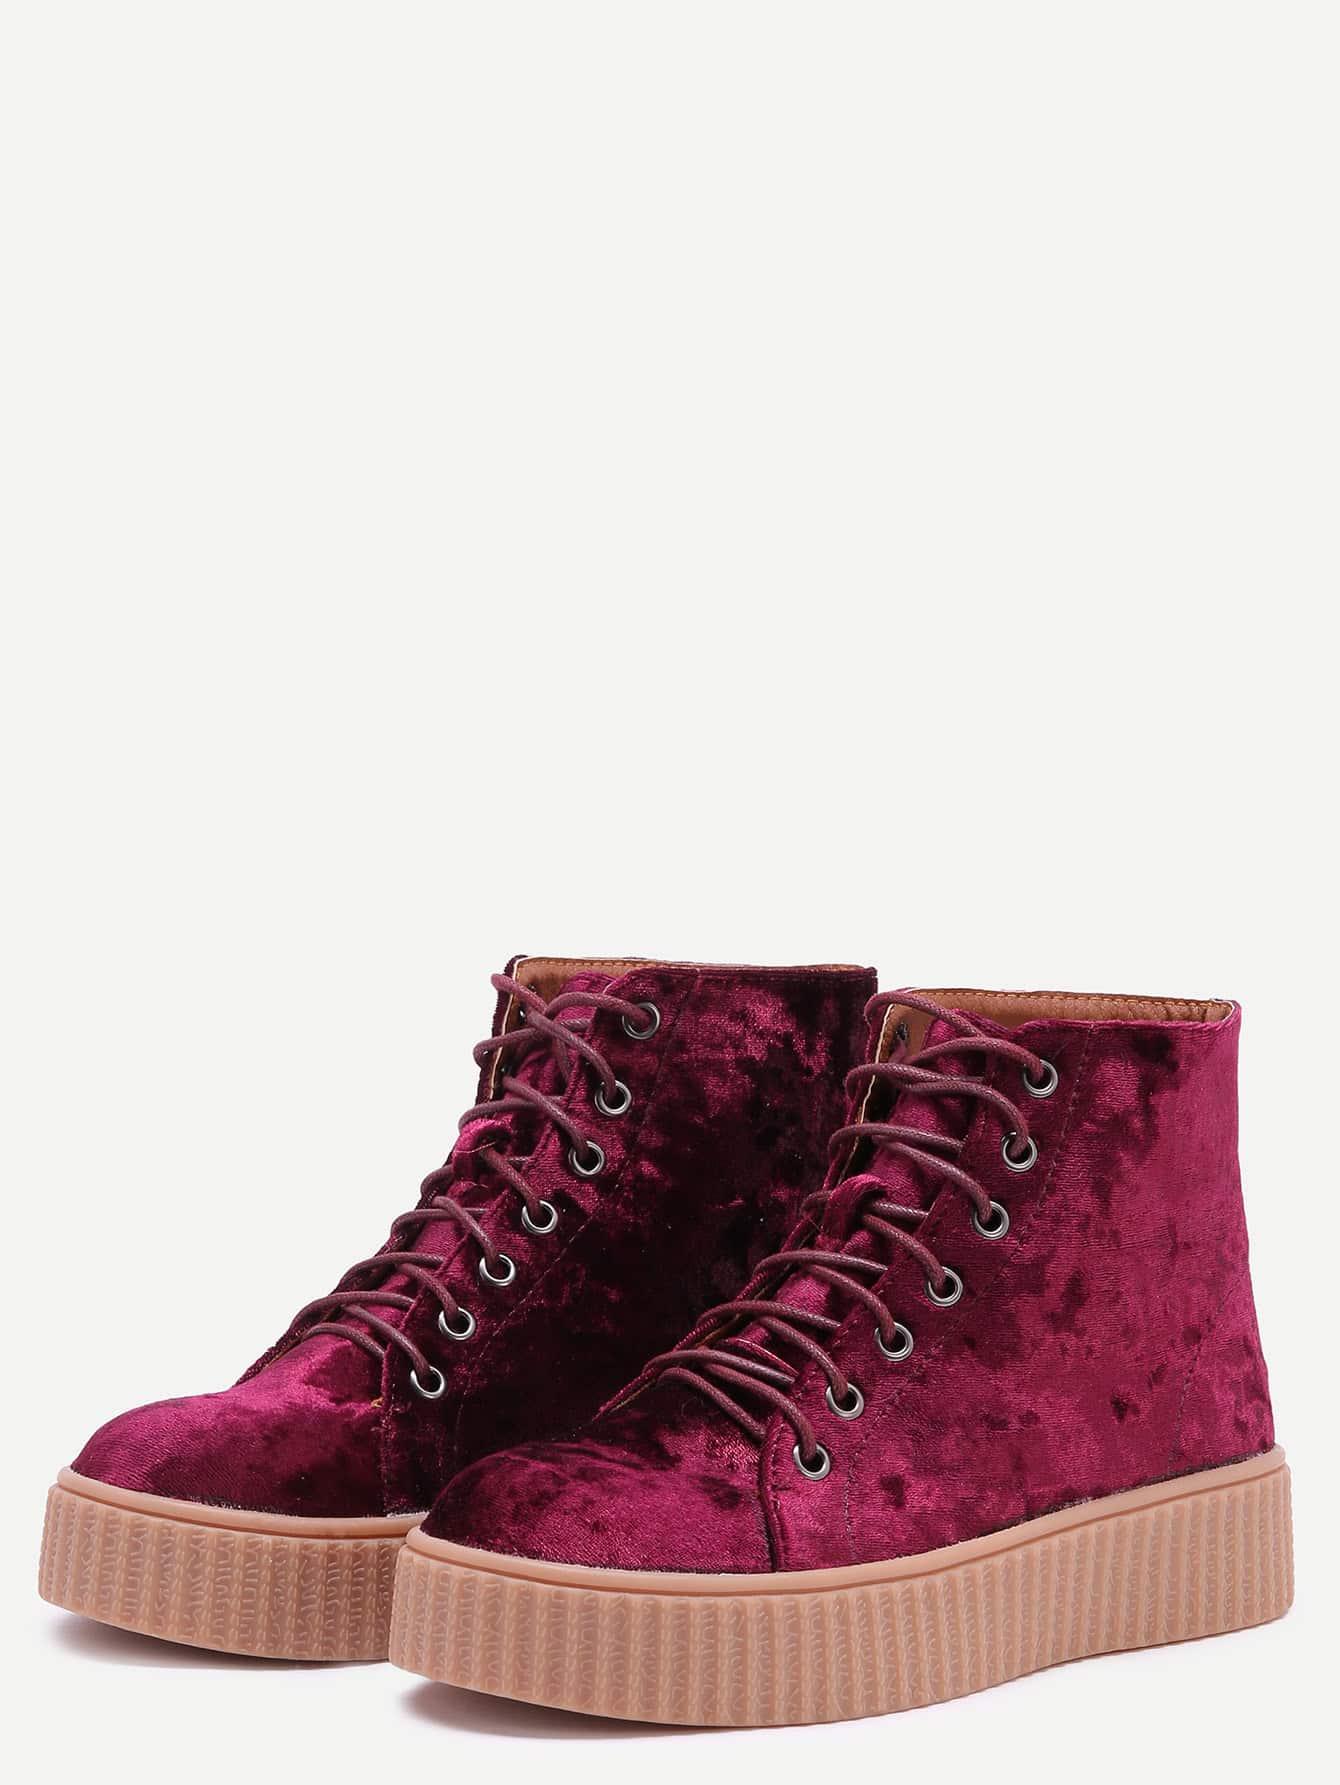 shoes161104802_2